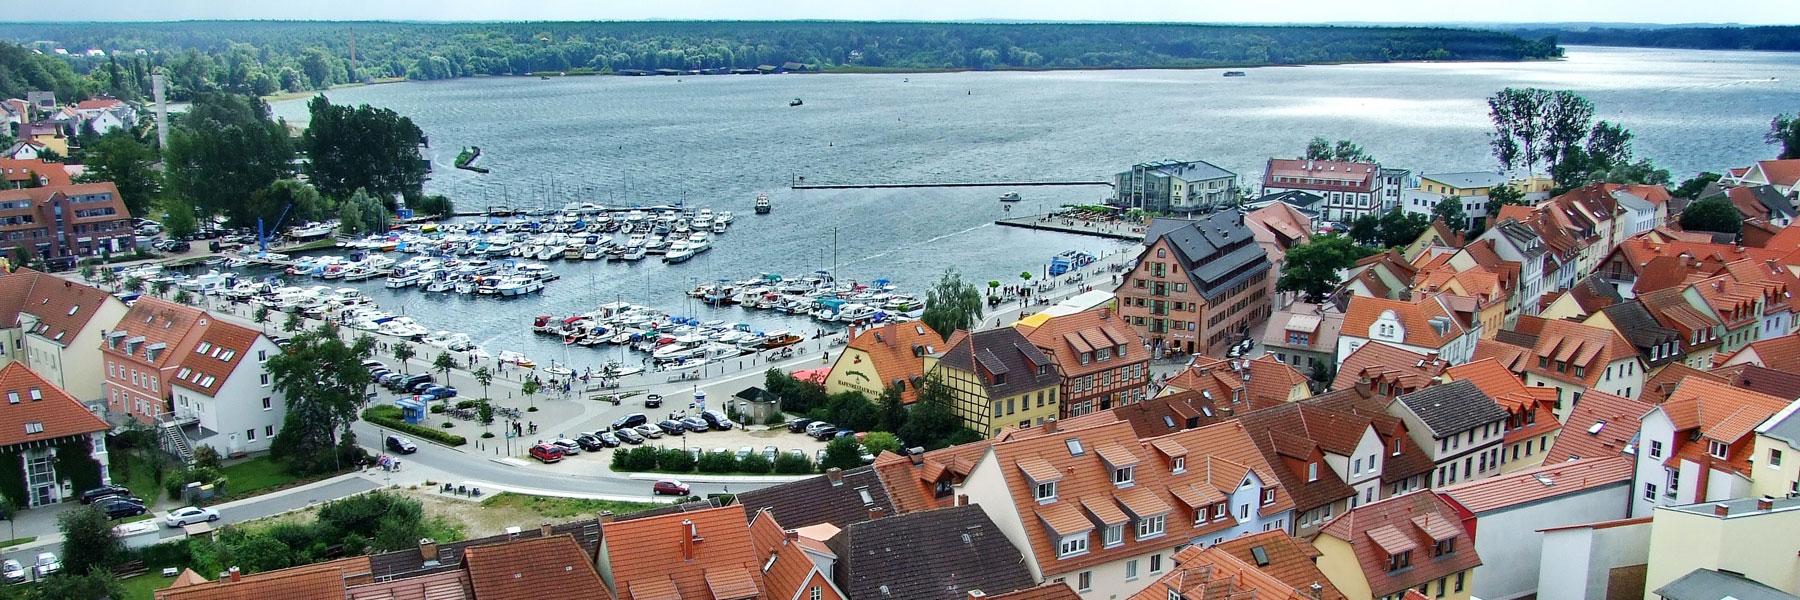 Hafen Waren (Müritz) - Hotel am Weinbergschloss